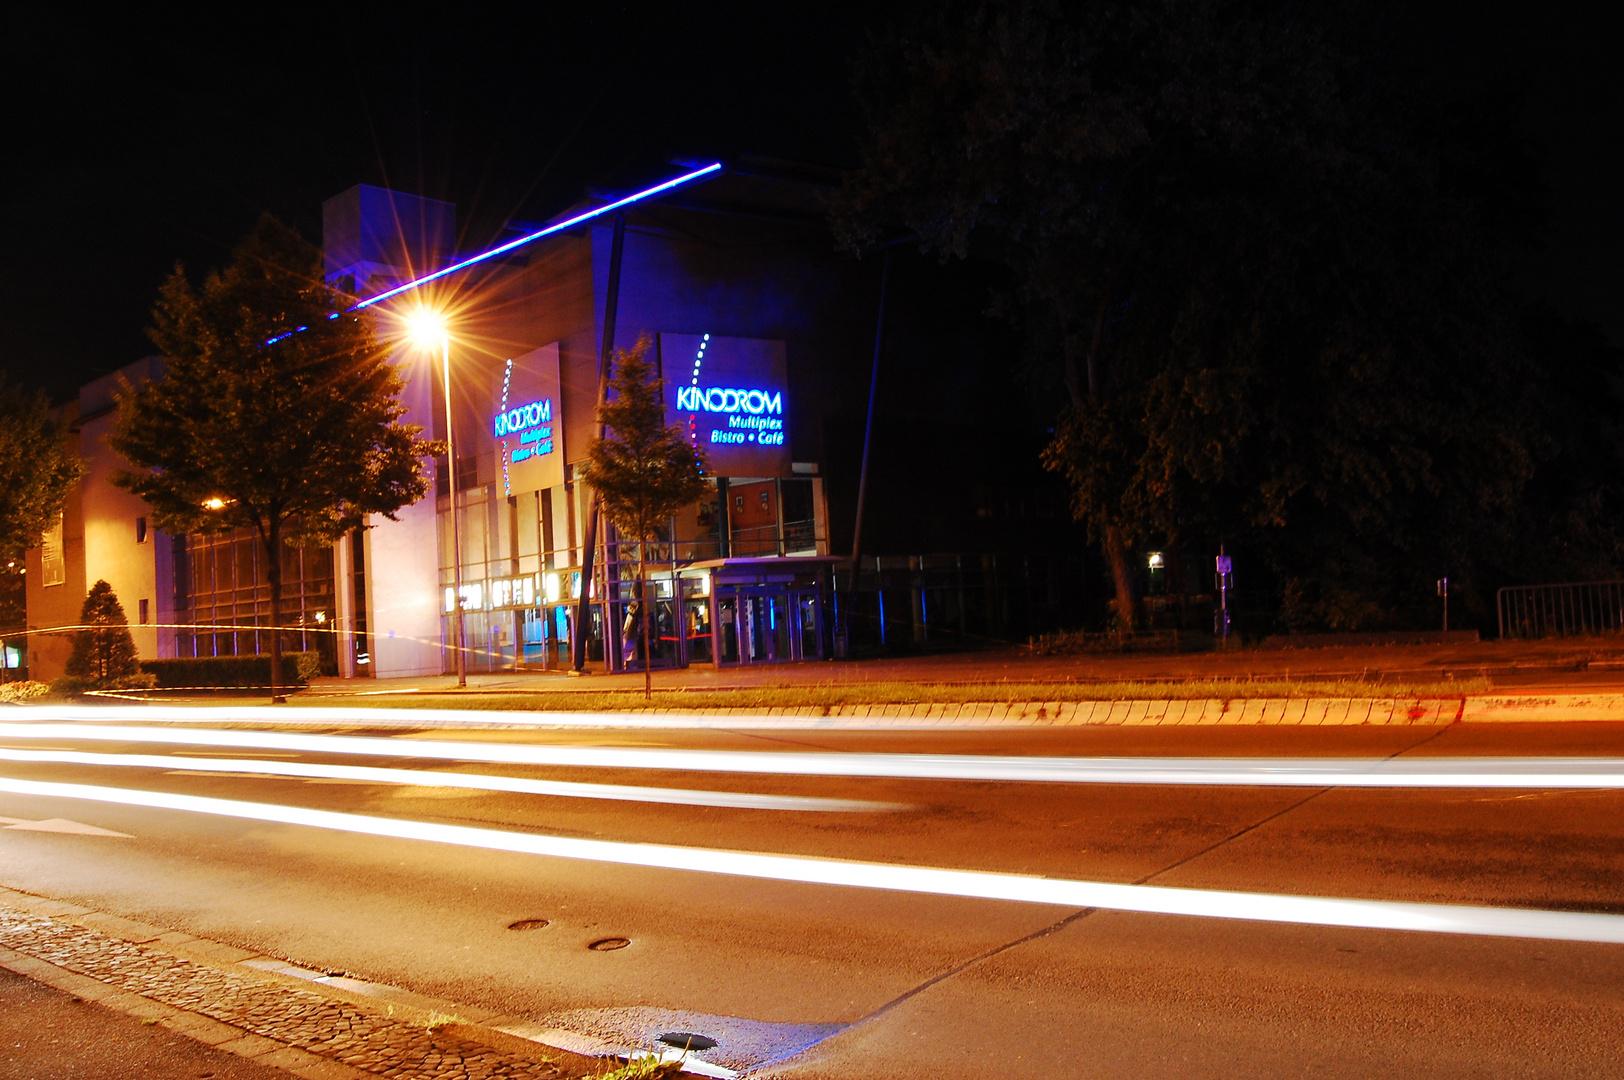 Kino in Bocholt